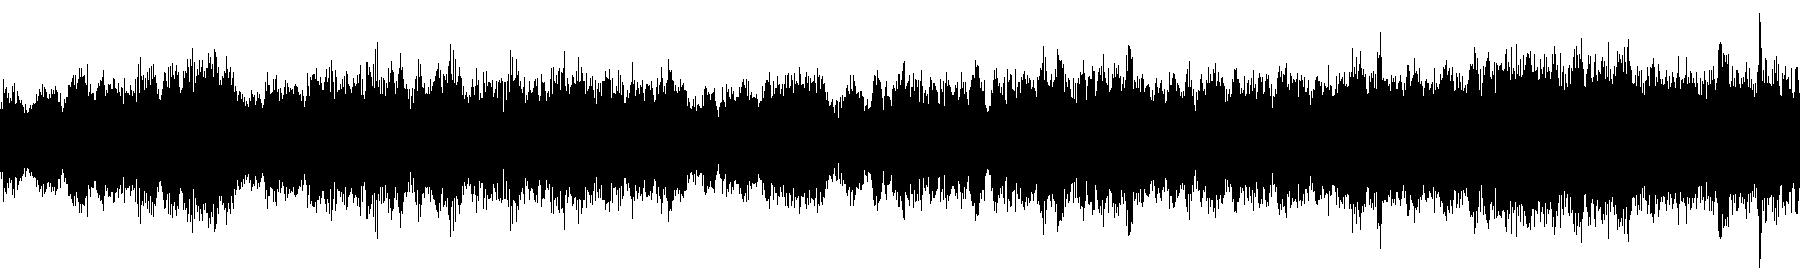 vedh melodyloop 091 gmaj7 9 bmaj7 124bpm